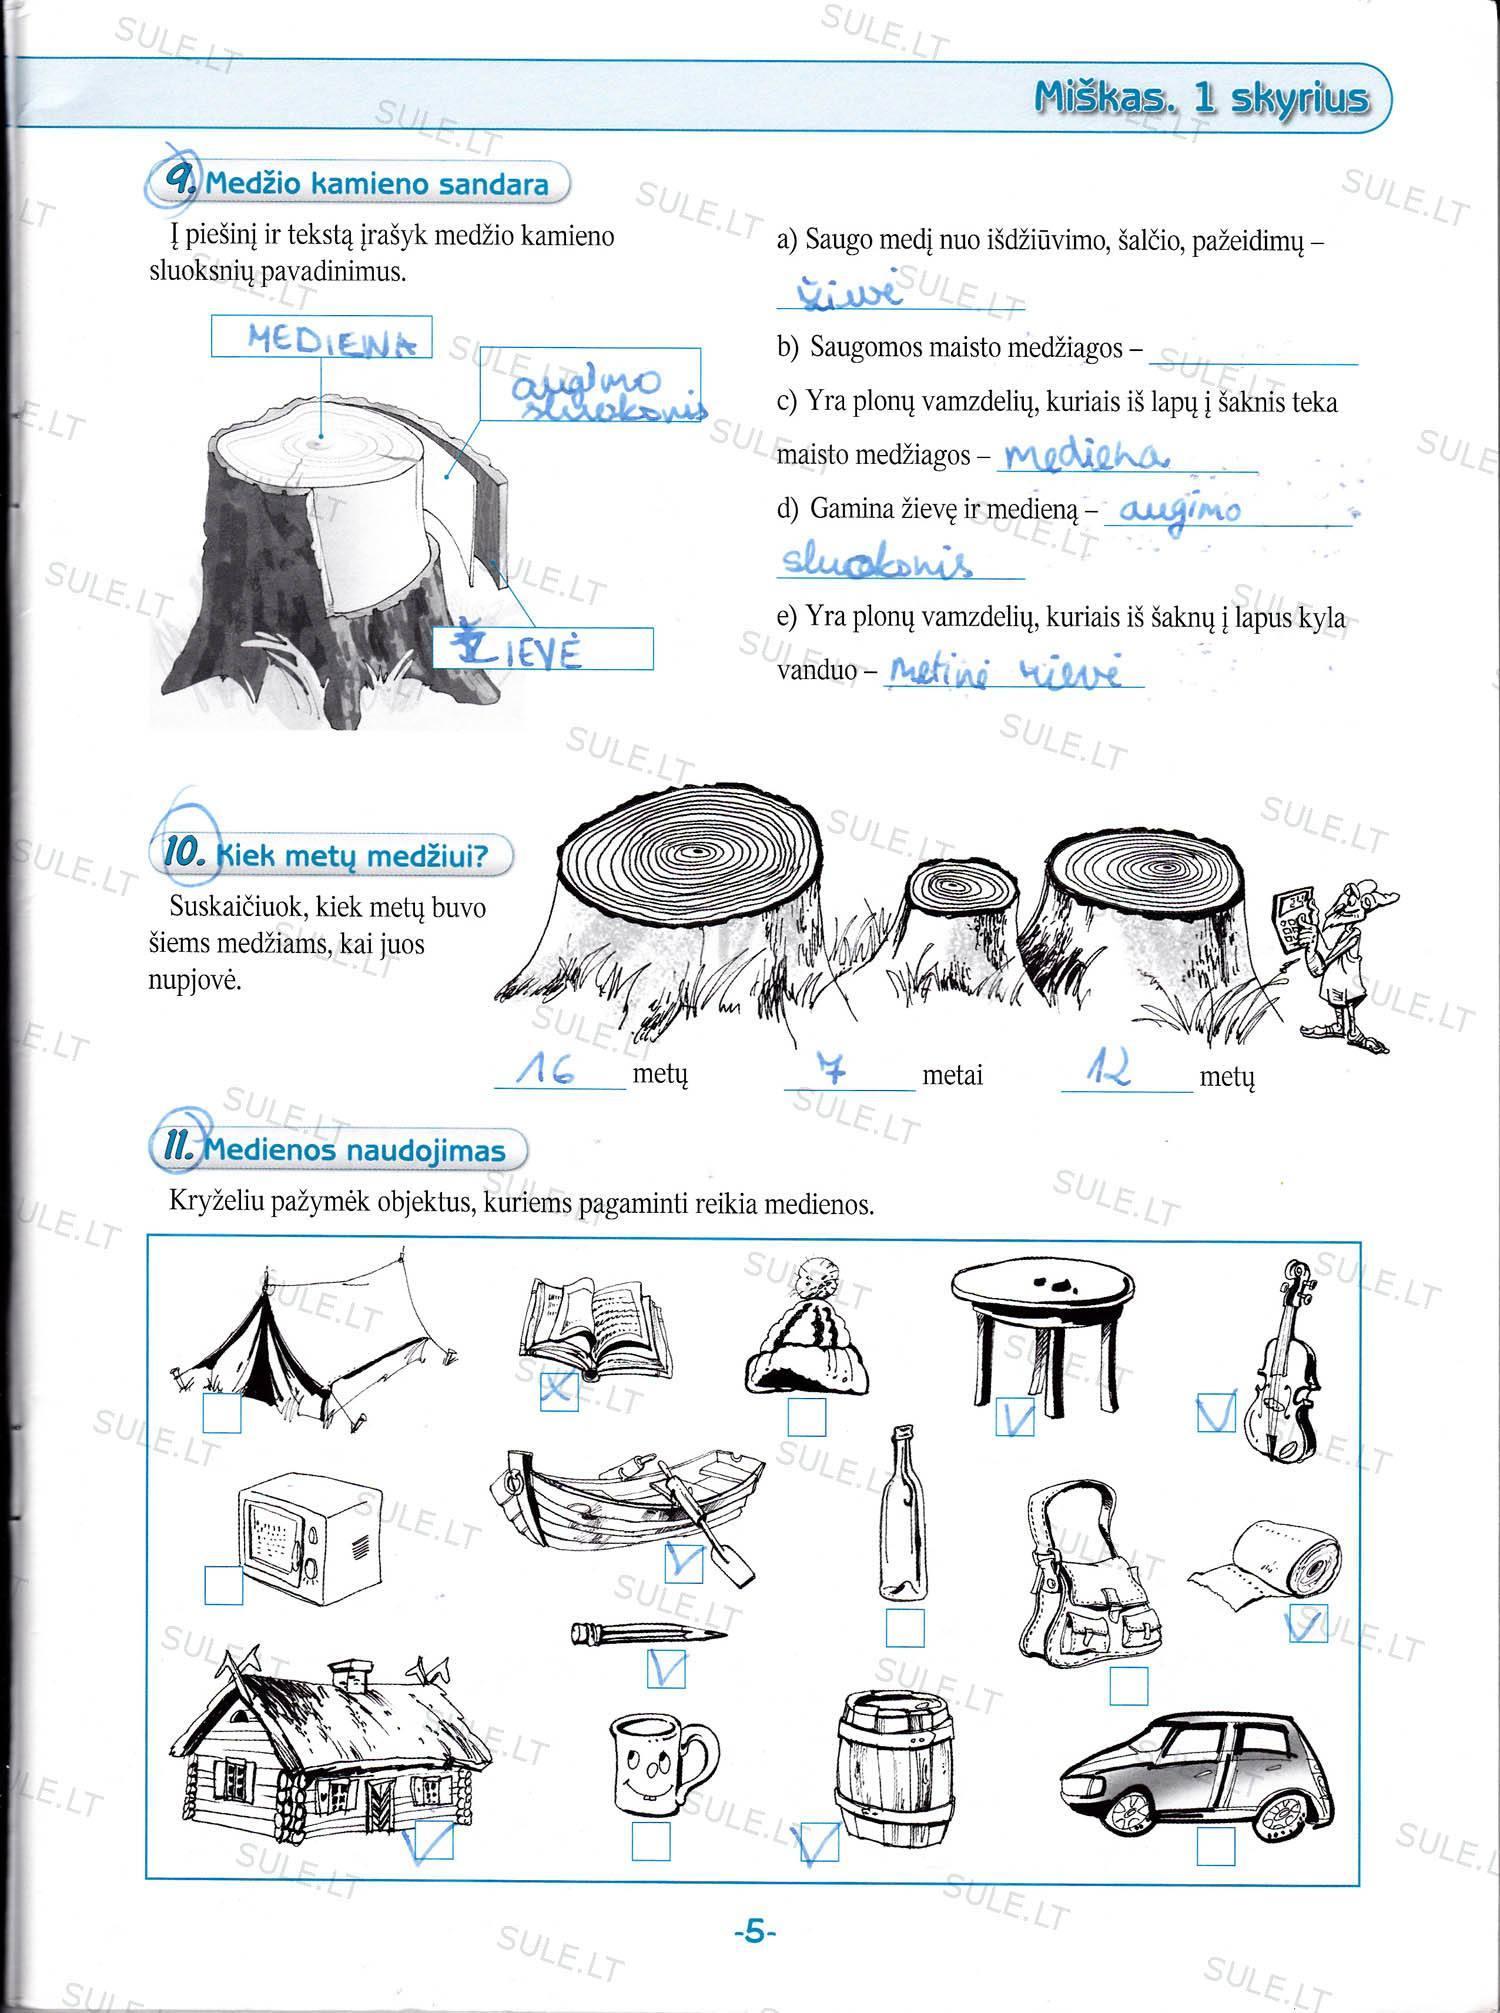 Biologija-6-klasei-2-dalis-5-puslapis2